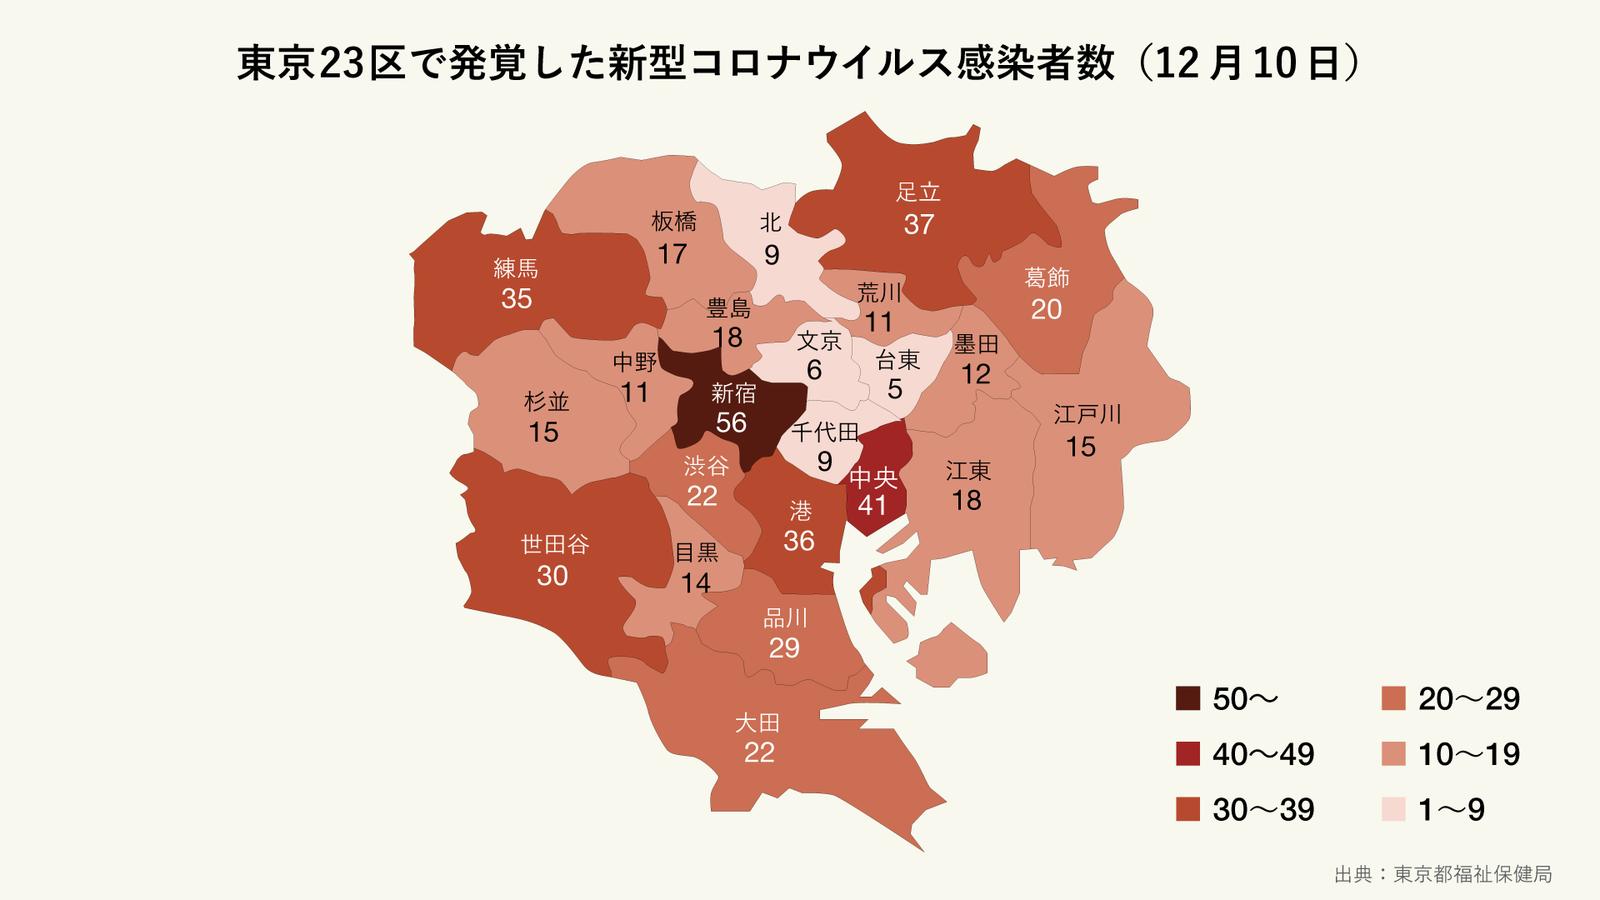 東京23区の今日の新型コロナウイルス感染者数